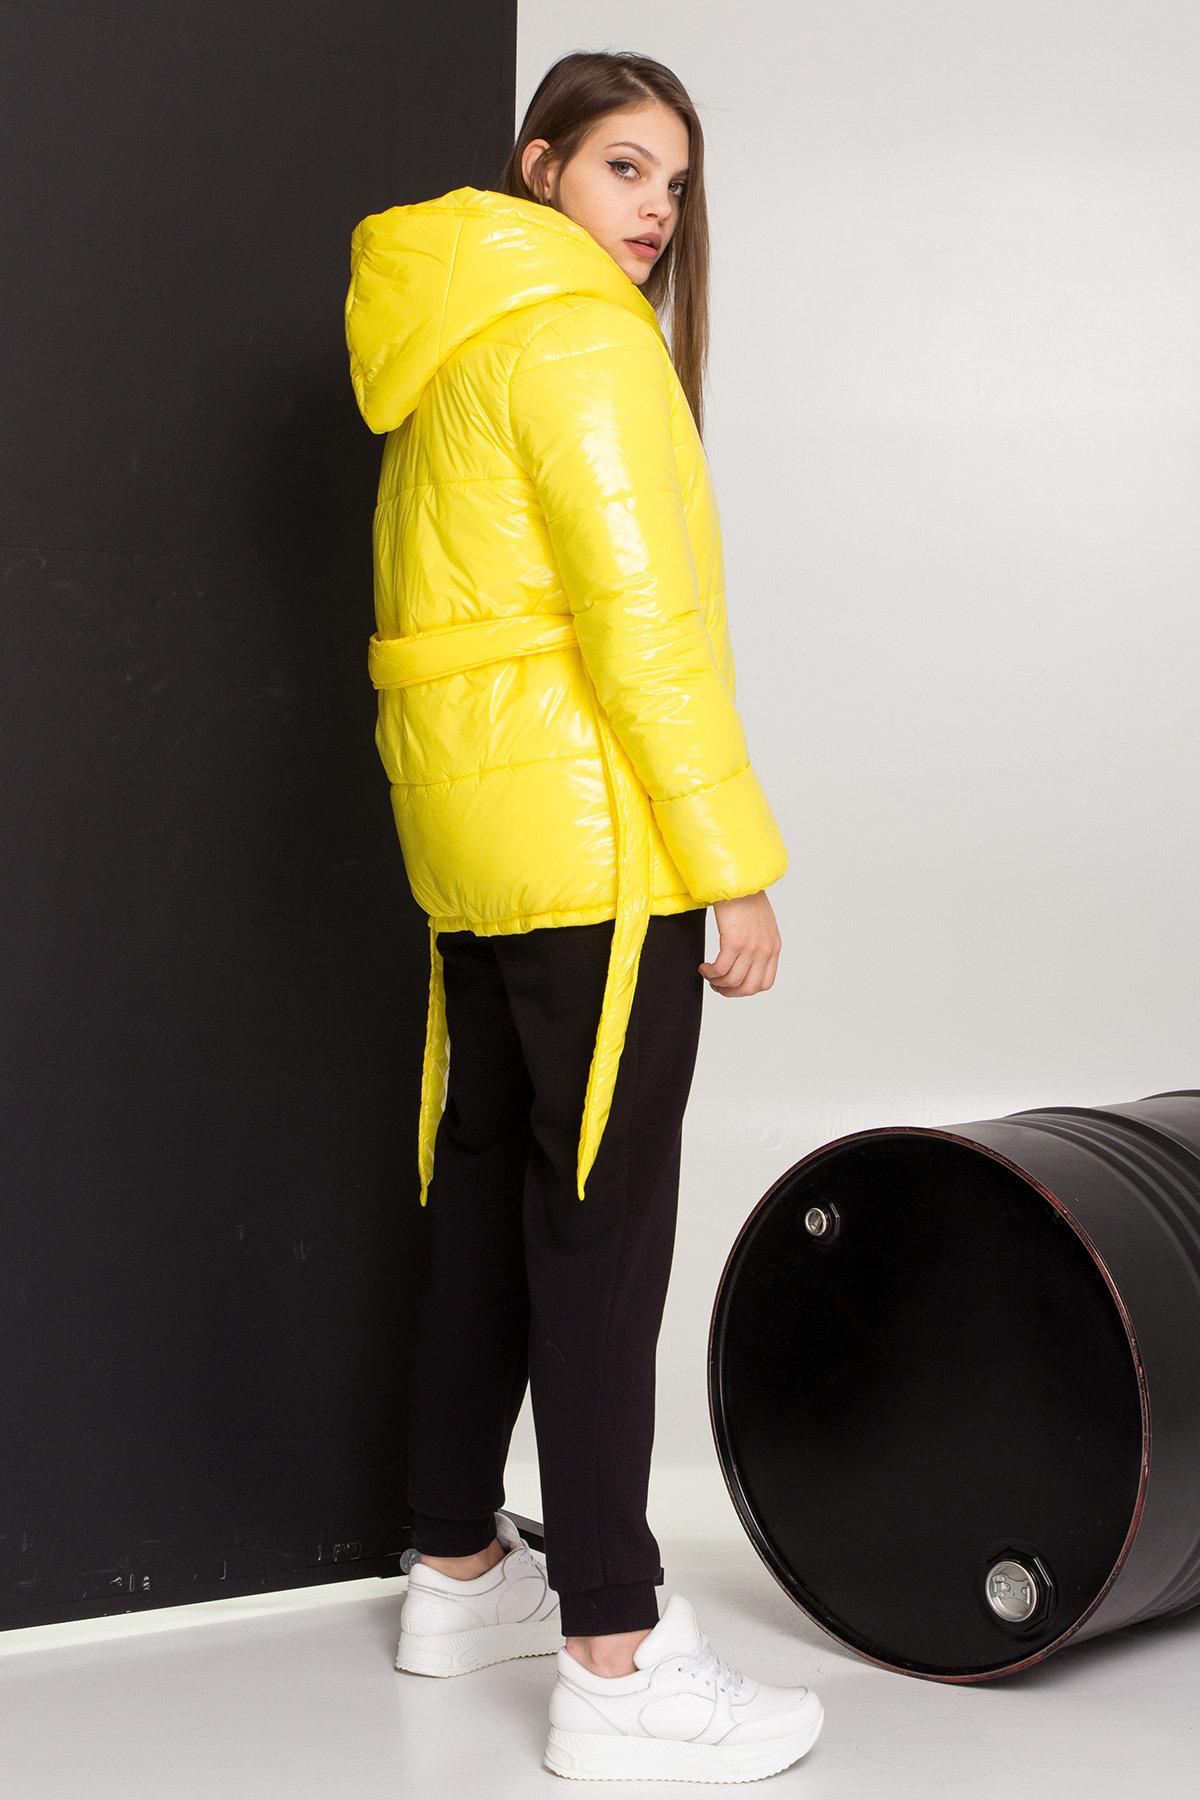 Лаковая куртка пуховик с поясом Бумер 8696 АРТ. 45243 Цвет: т.серый/желтый/черный - фото 6, интернет магазин tm-modus.ru